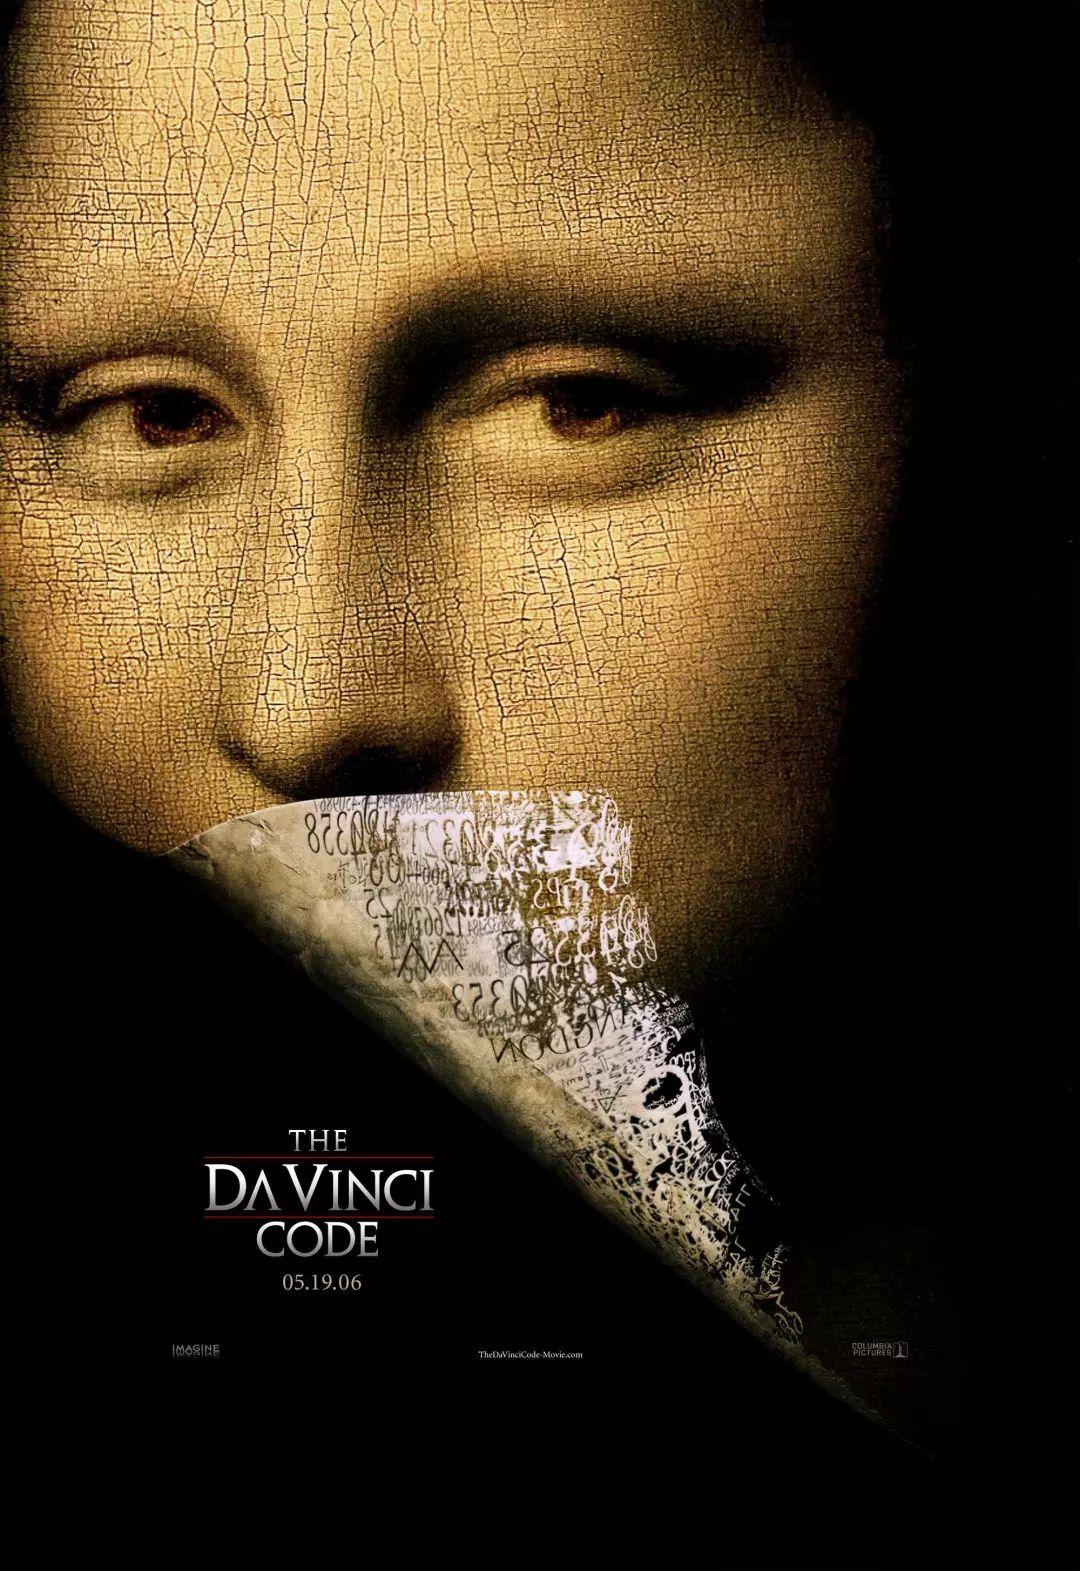 从私生子到天才艺术家,达・芬奇的人生是解不开的谜